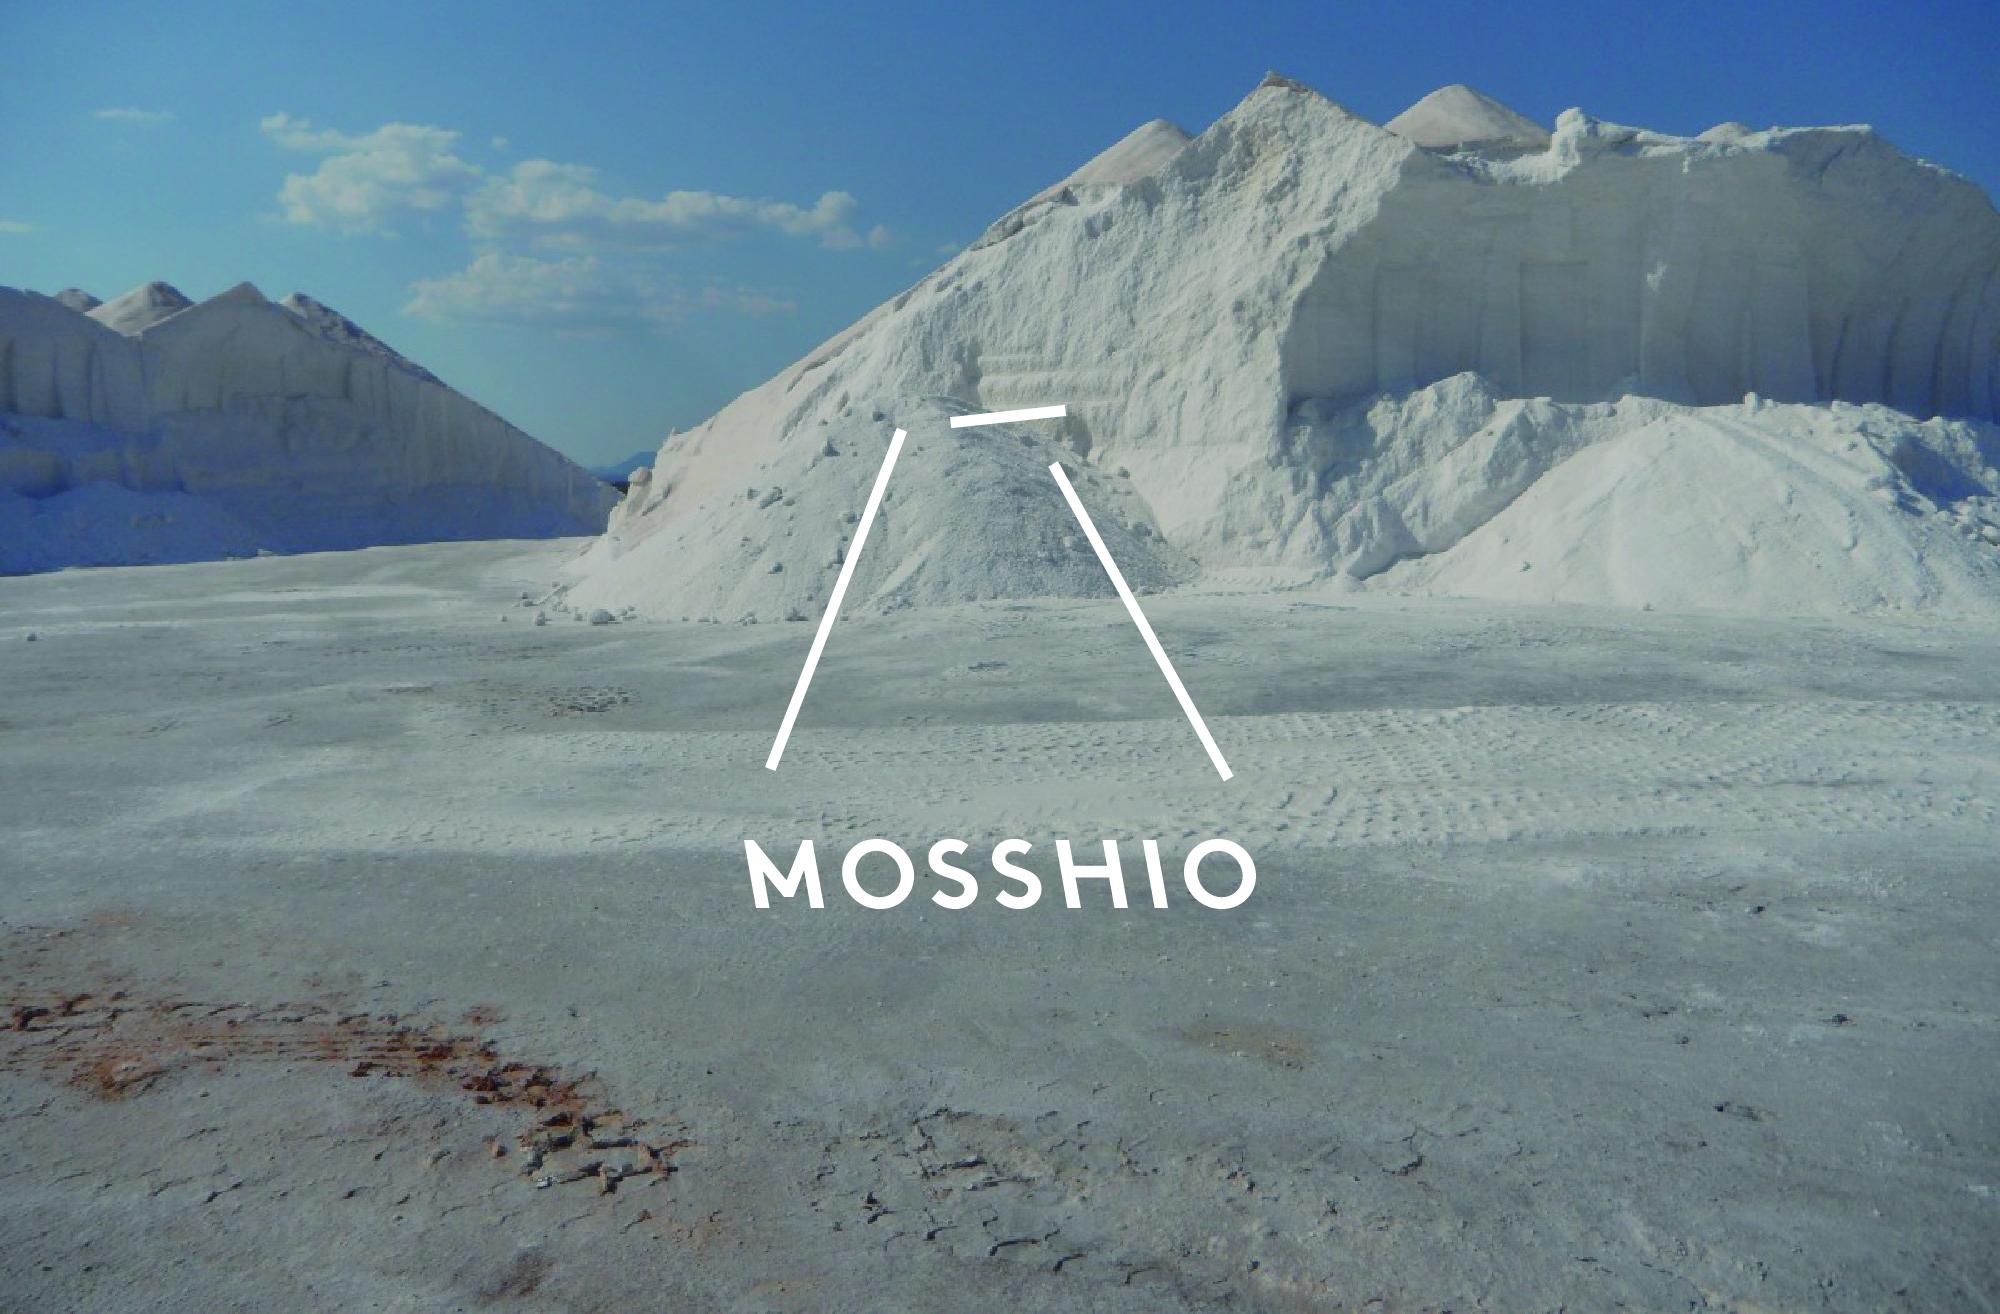 mosshio_cover2